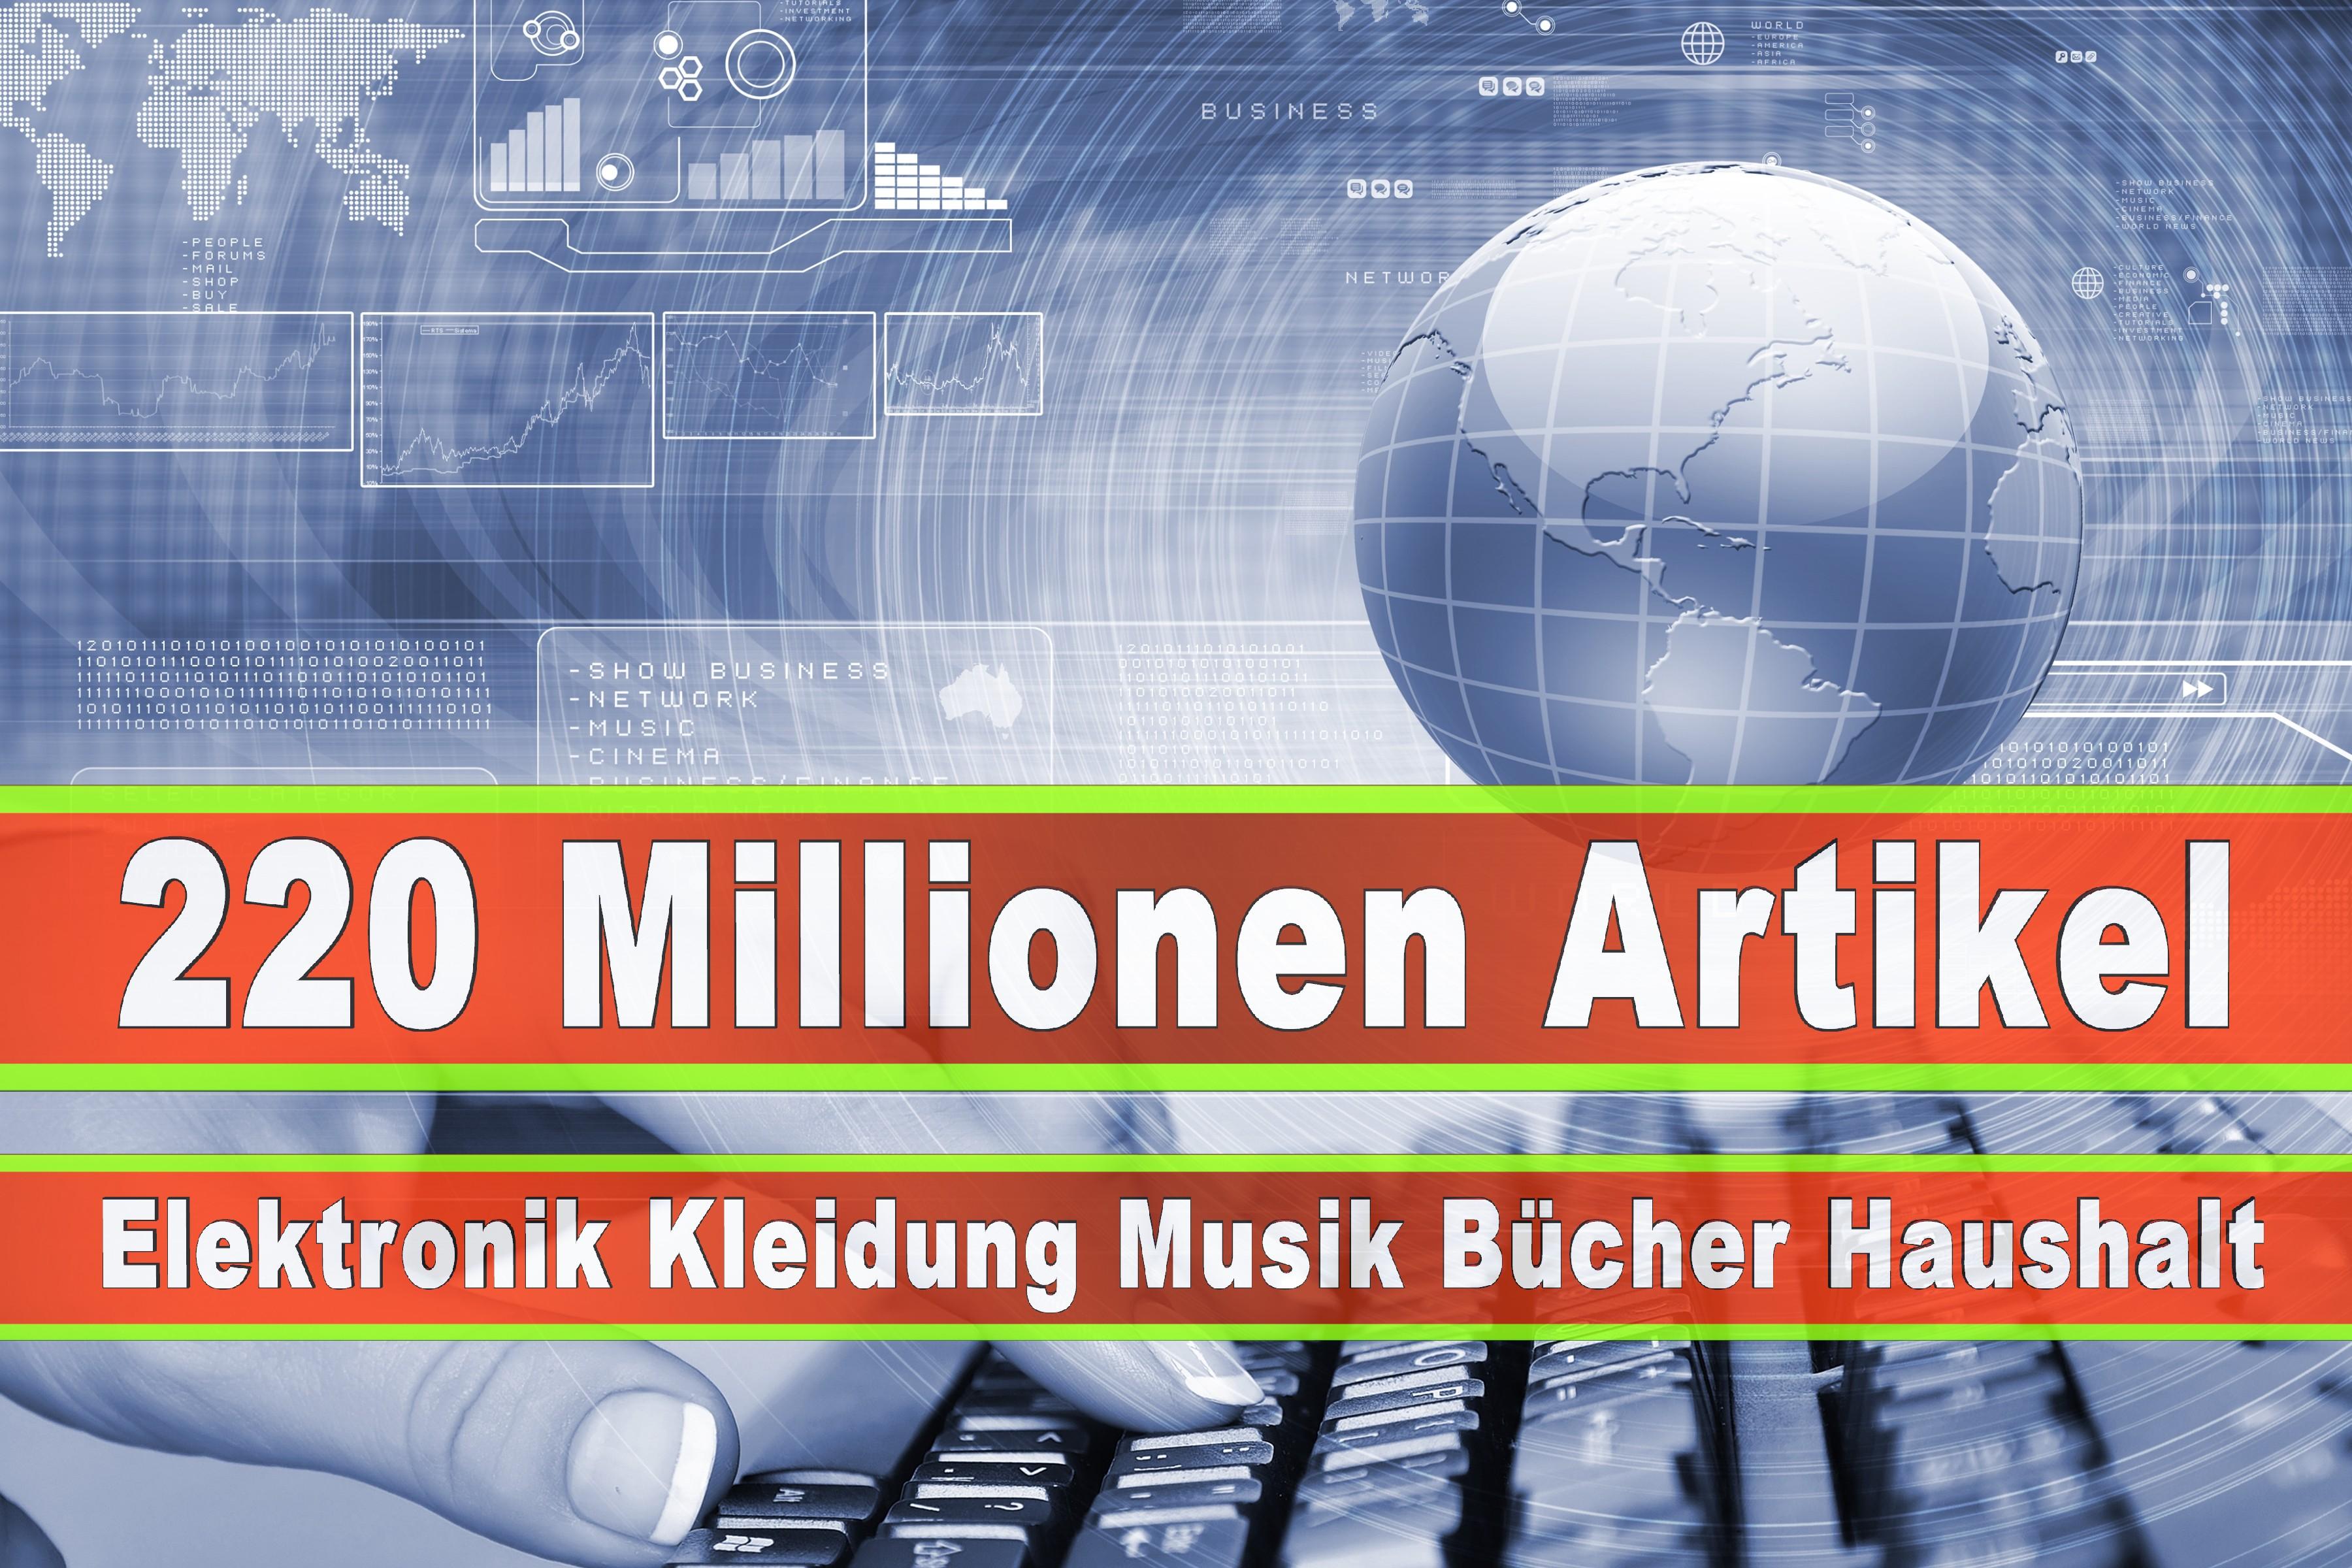 Amazon Elektronik Musik Haushalt Bücher CD DVD Handys Smartphones TV Television Fernseher Kleidung Mode Ebay Versandhaus (103)